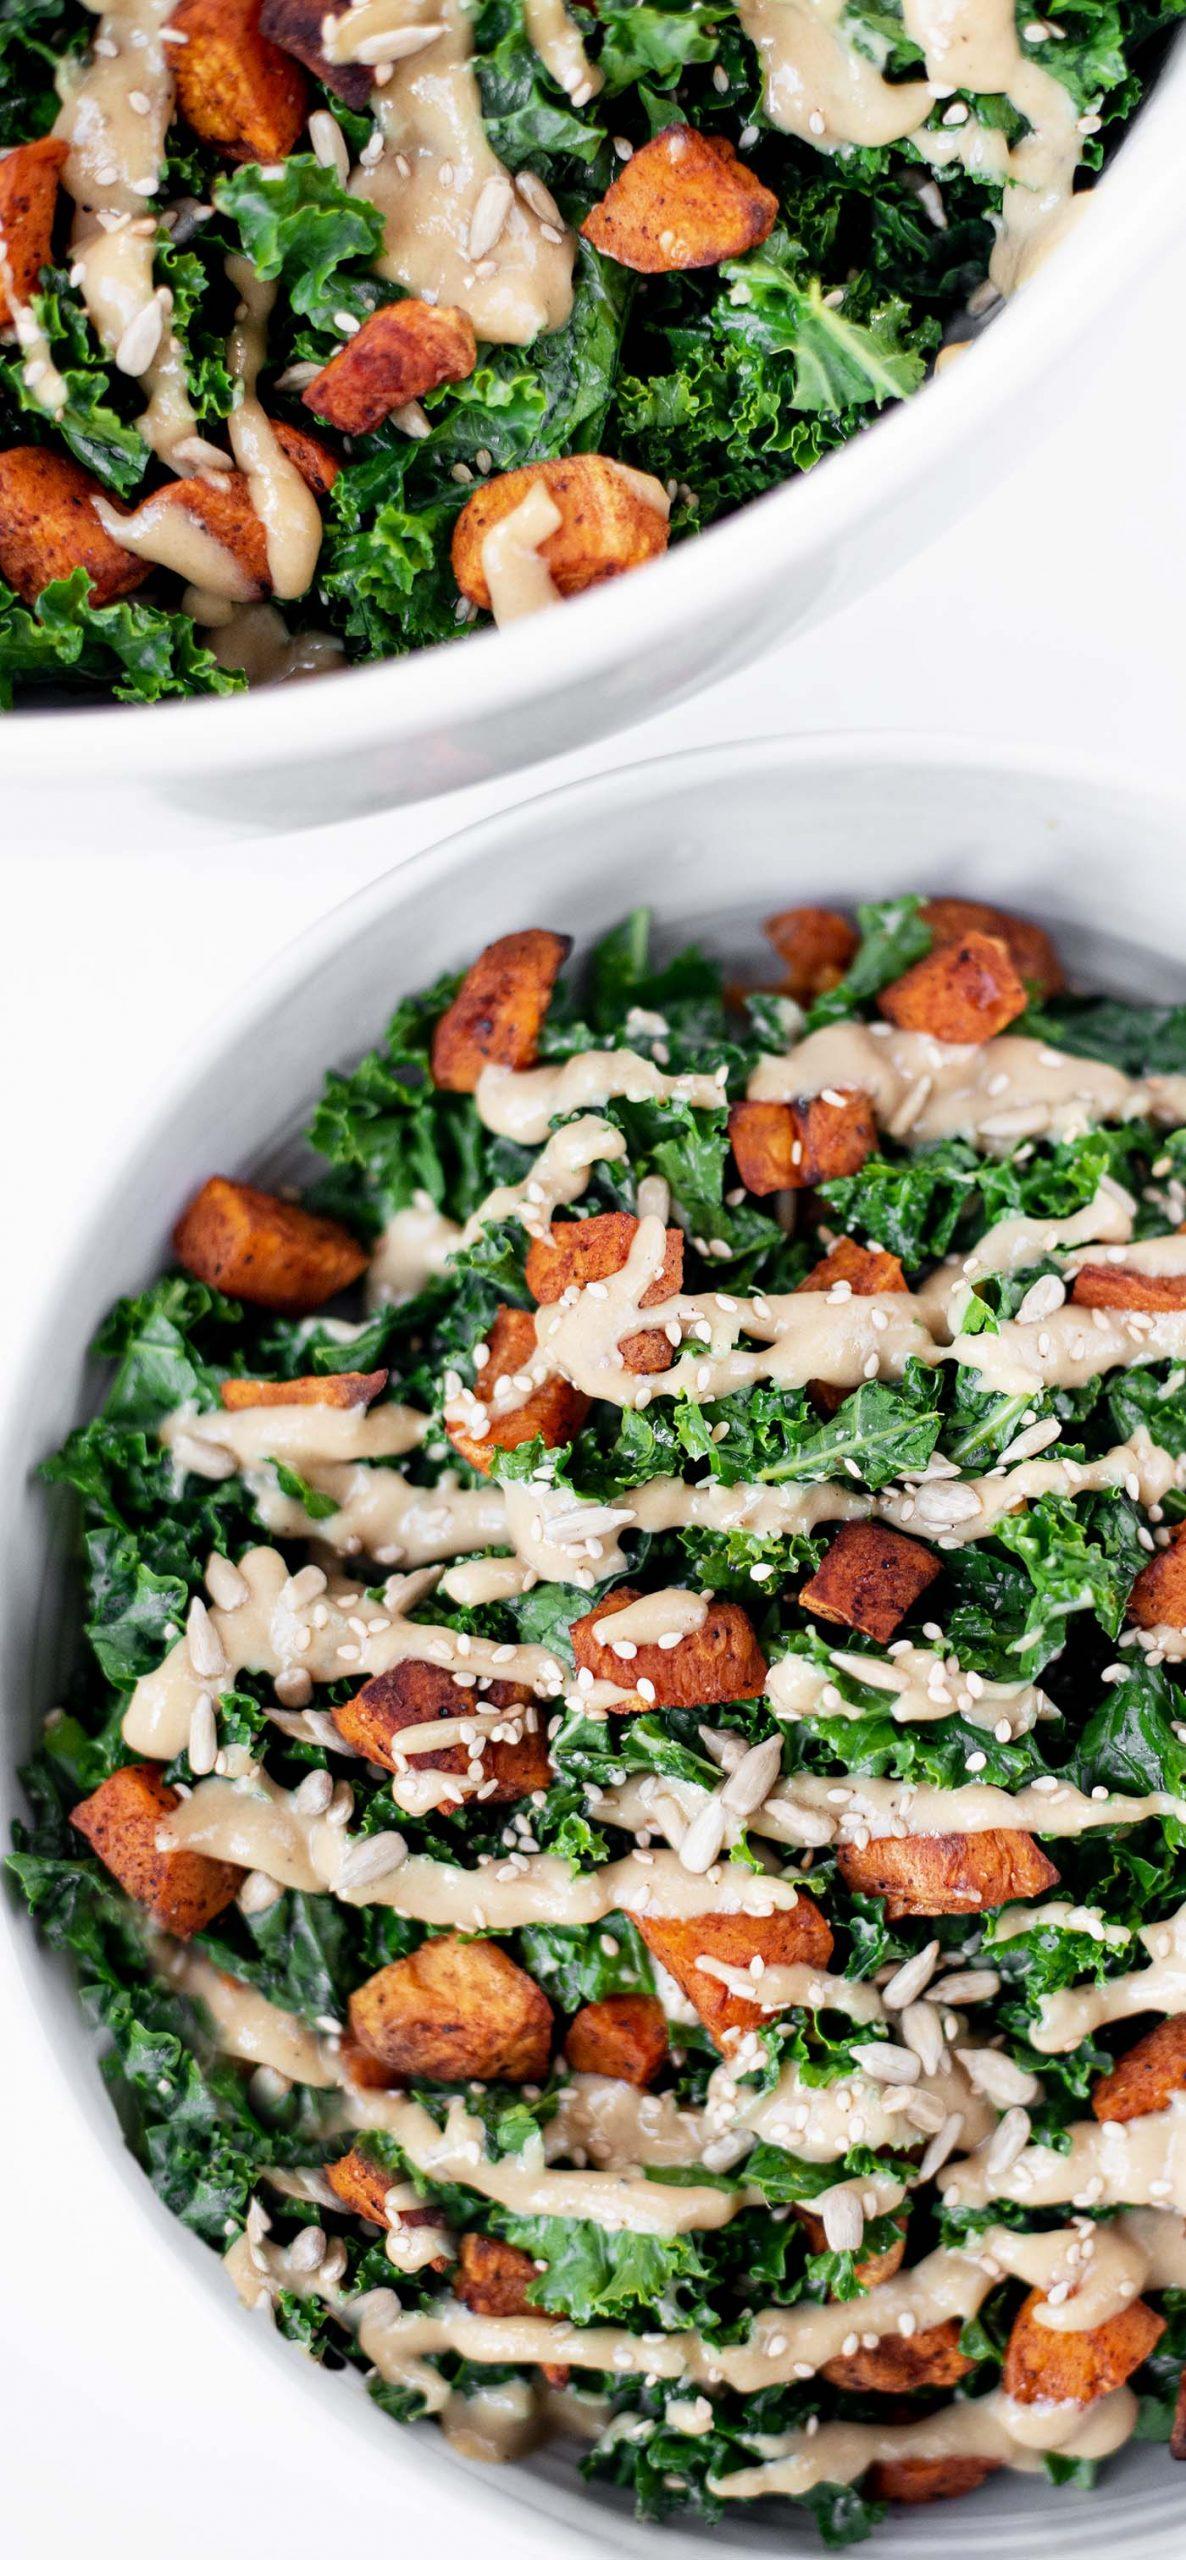 kalesweetpot.salad .wiw .6 scaled